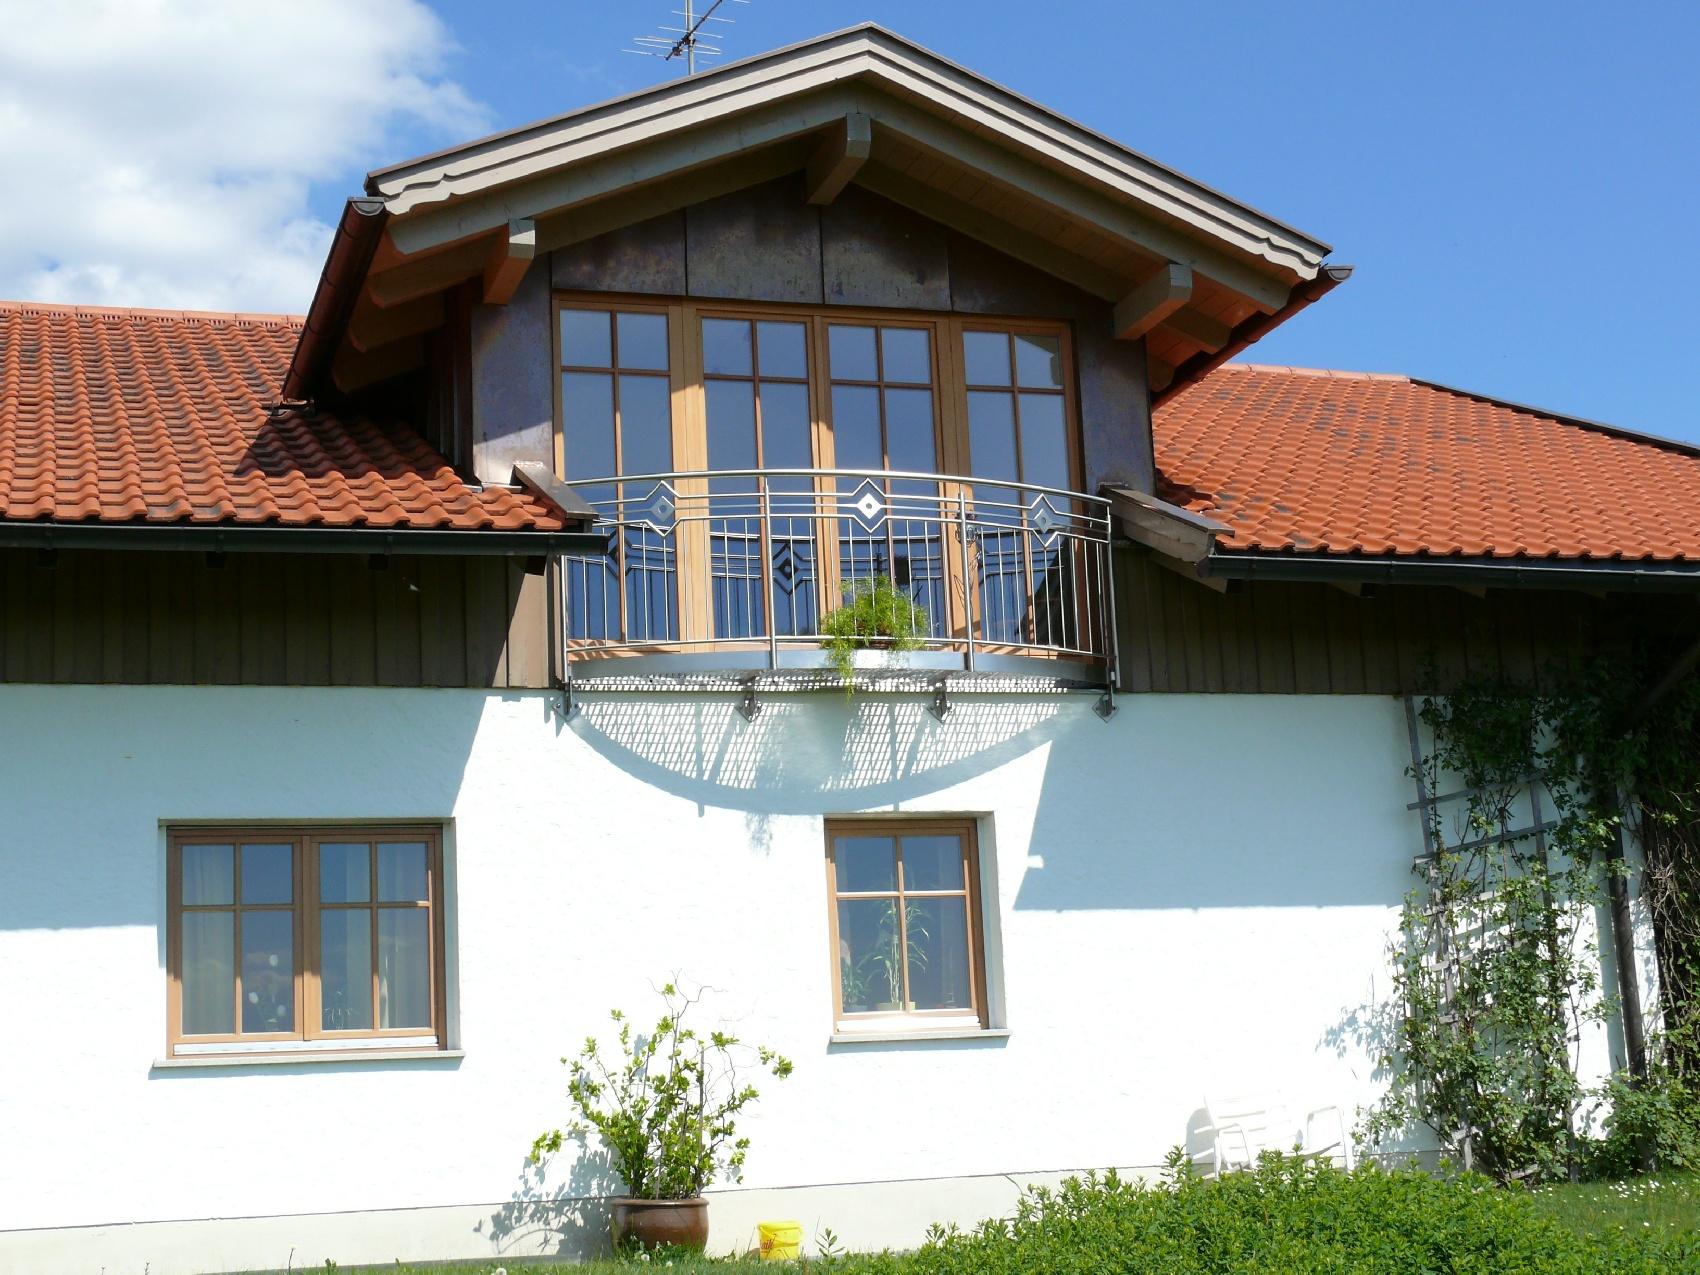 dachgauben aus der zimmerei im bayerischen wald zimmerei dachdeckerei parockinger. Black Bedroom Furniture Sets. Home Design Ideas